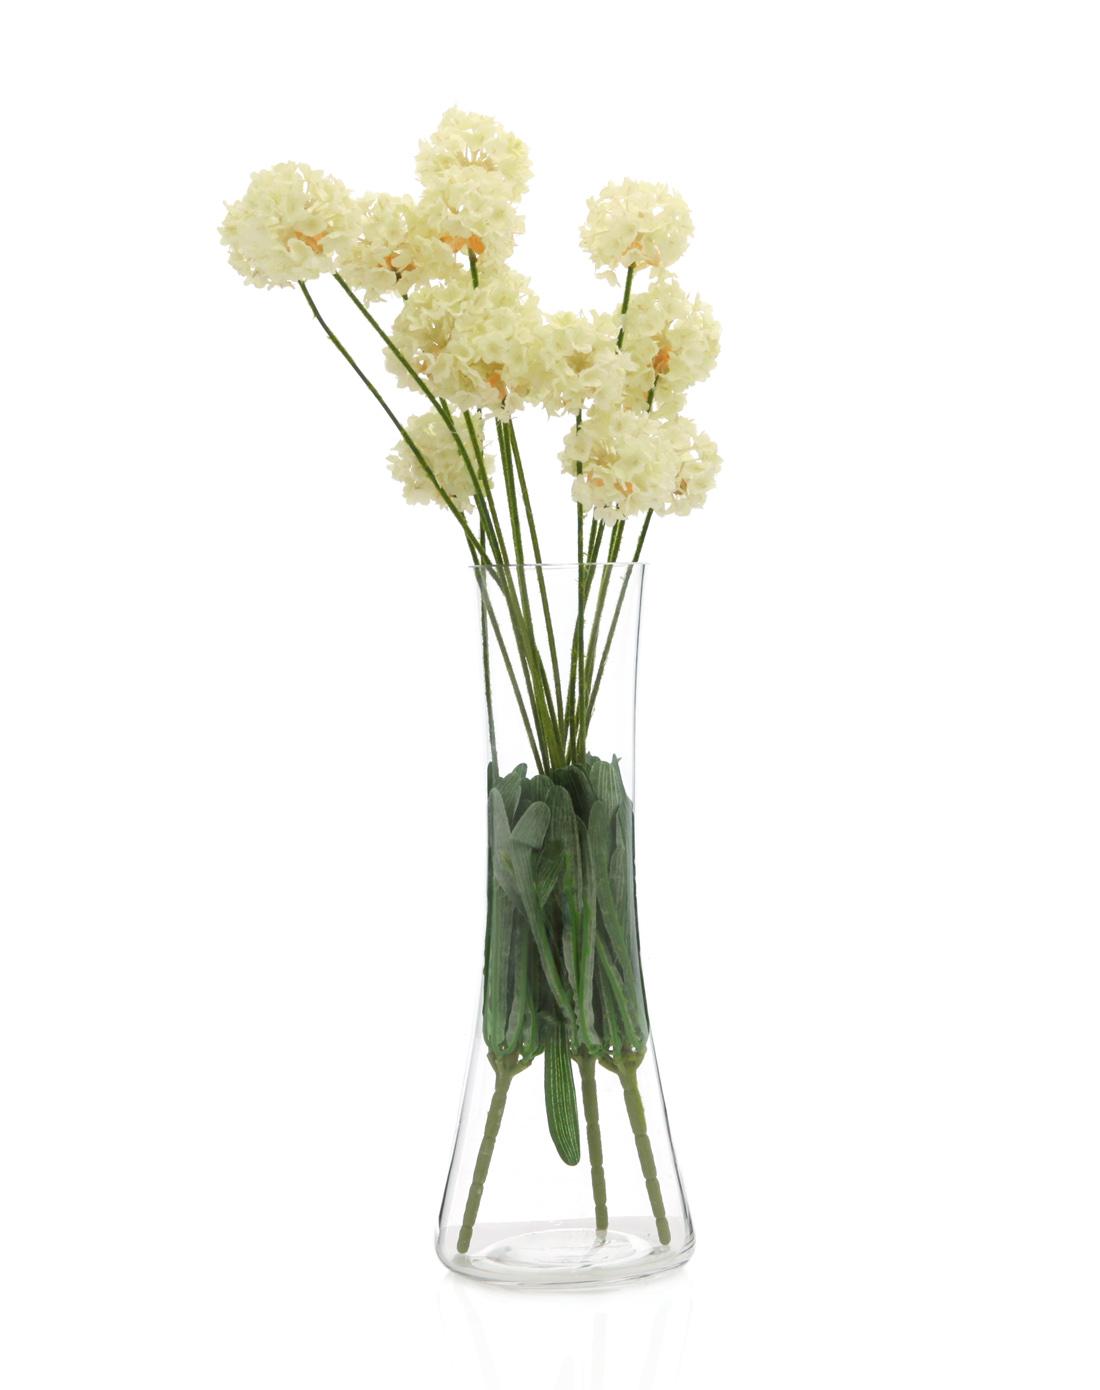 沙漏透明水晶玻璃花瓶l